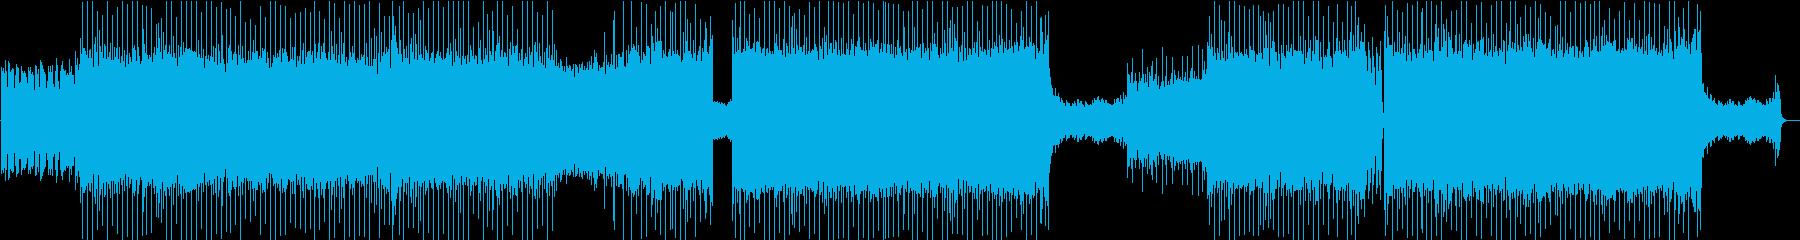 疾走感のある切なめギターロックの再生済みの波形